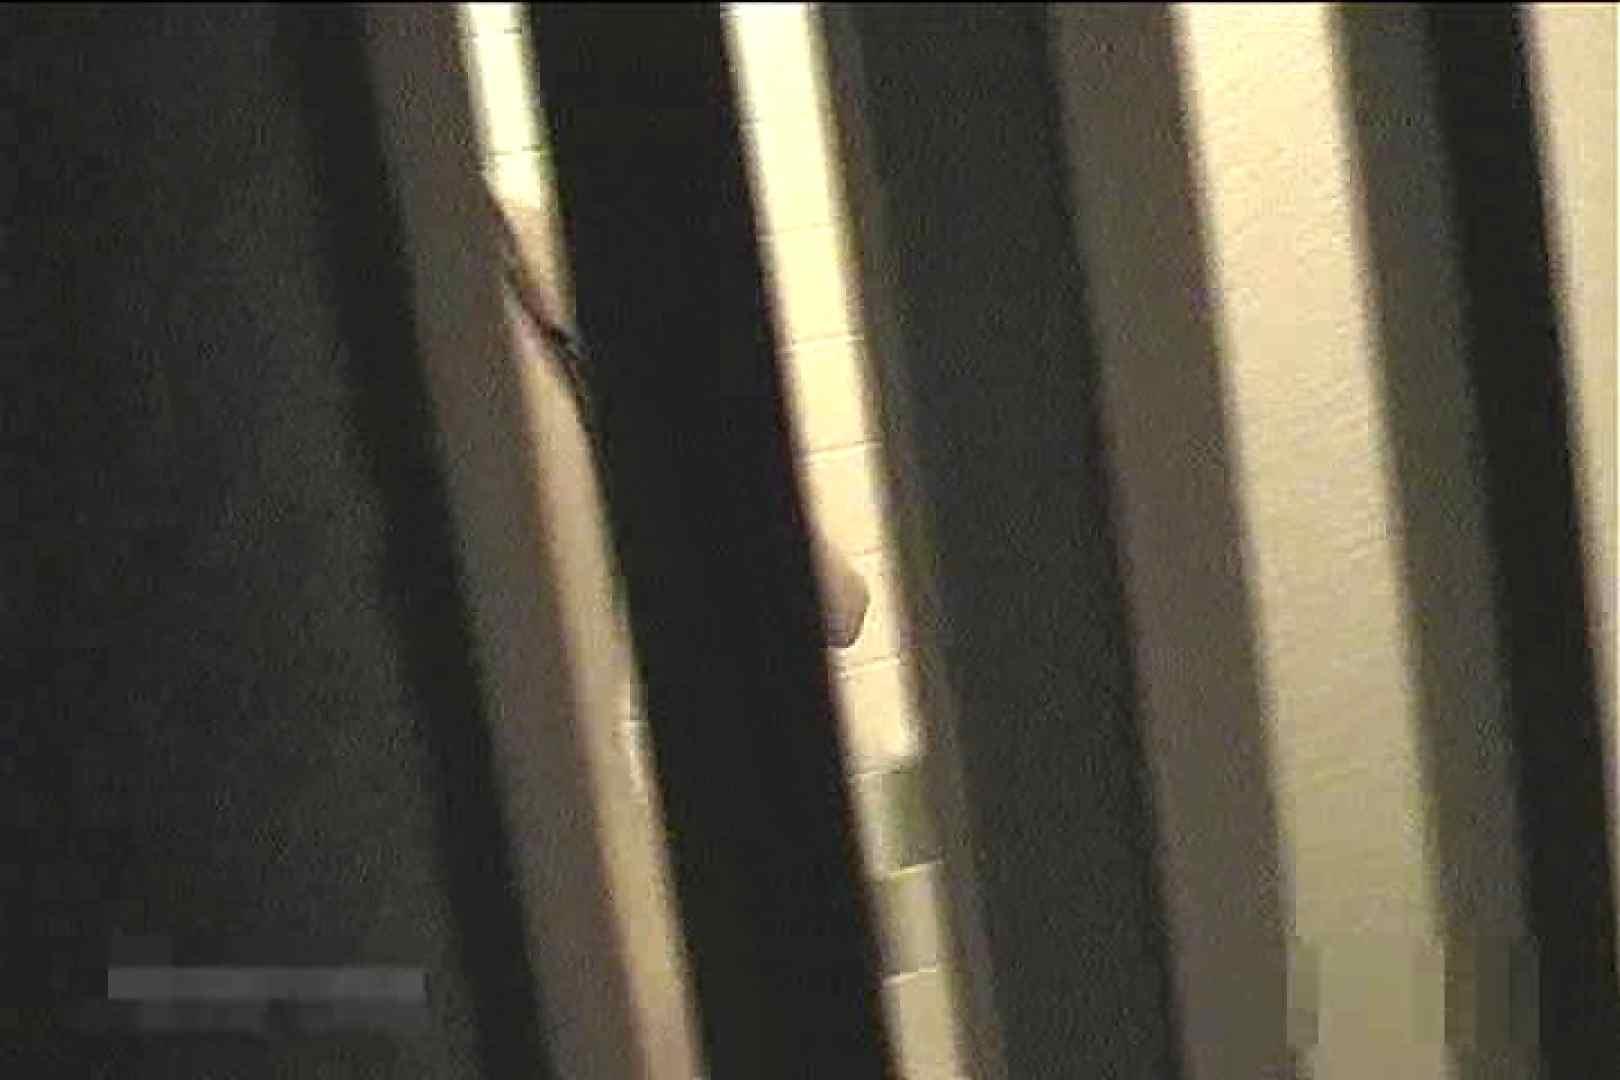 激撮ストーカー記録あなたのお宅拝見しますVol.7 民家 ワレメ無修正動画無料 86連発 23